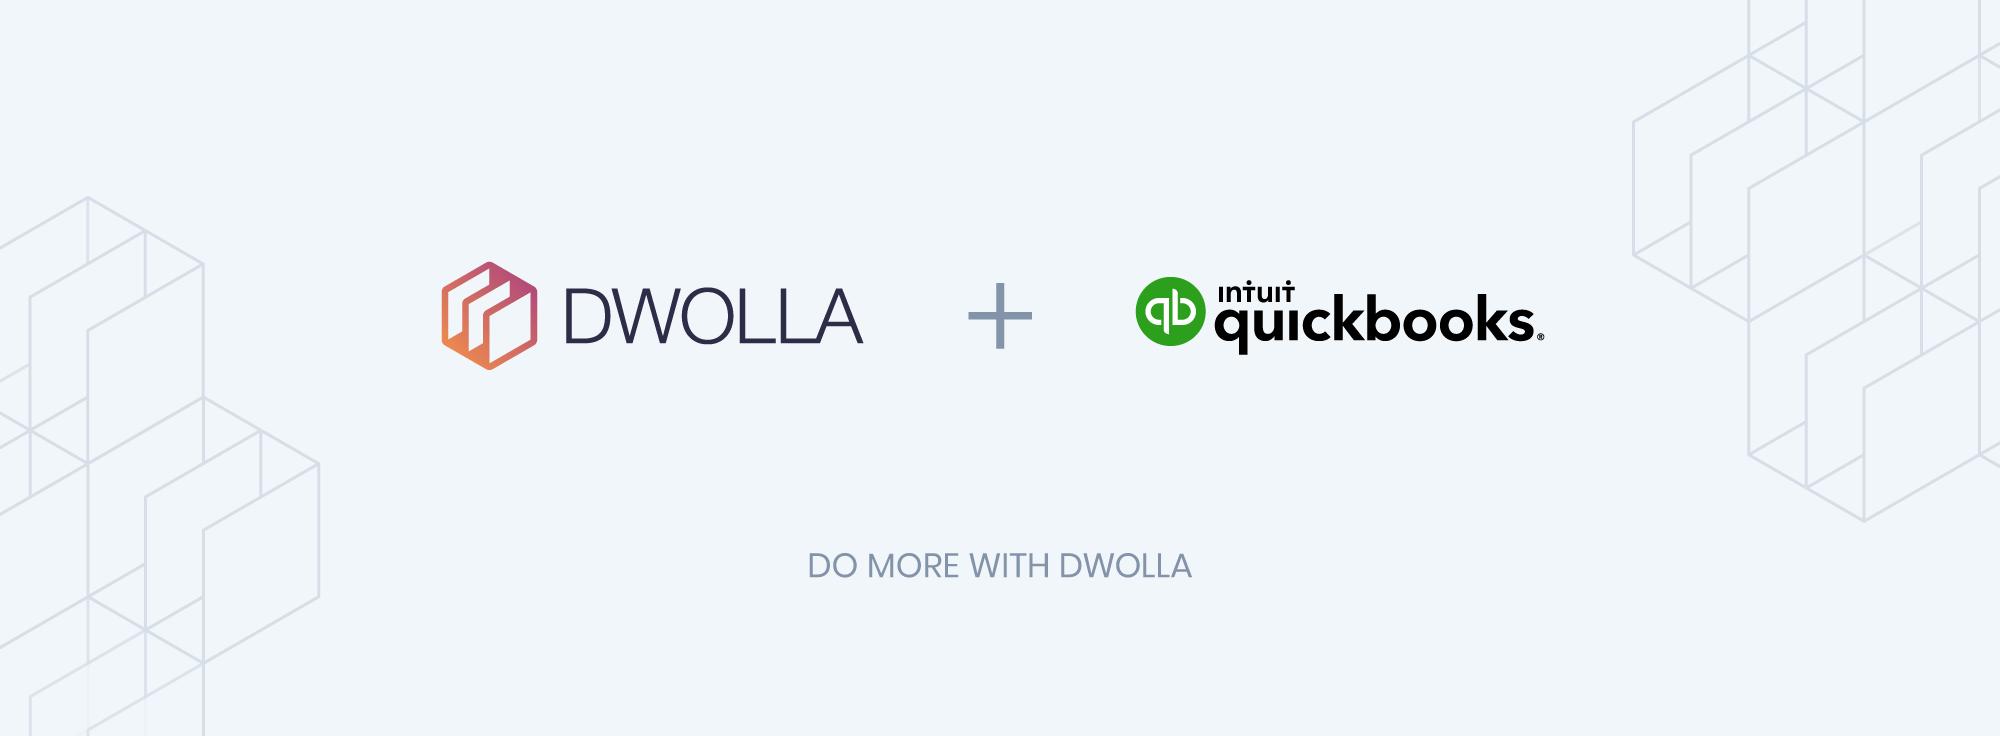 dwolla=quickbooks